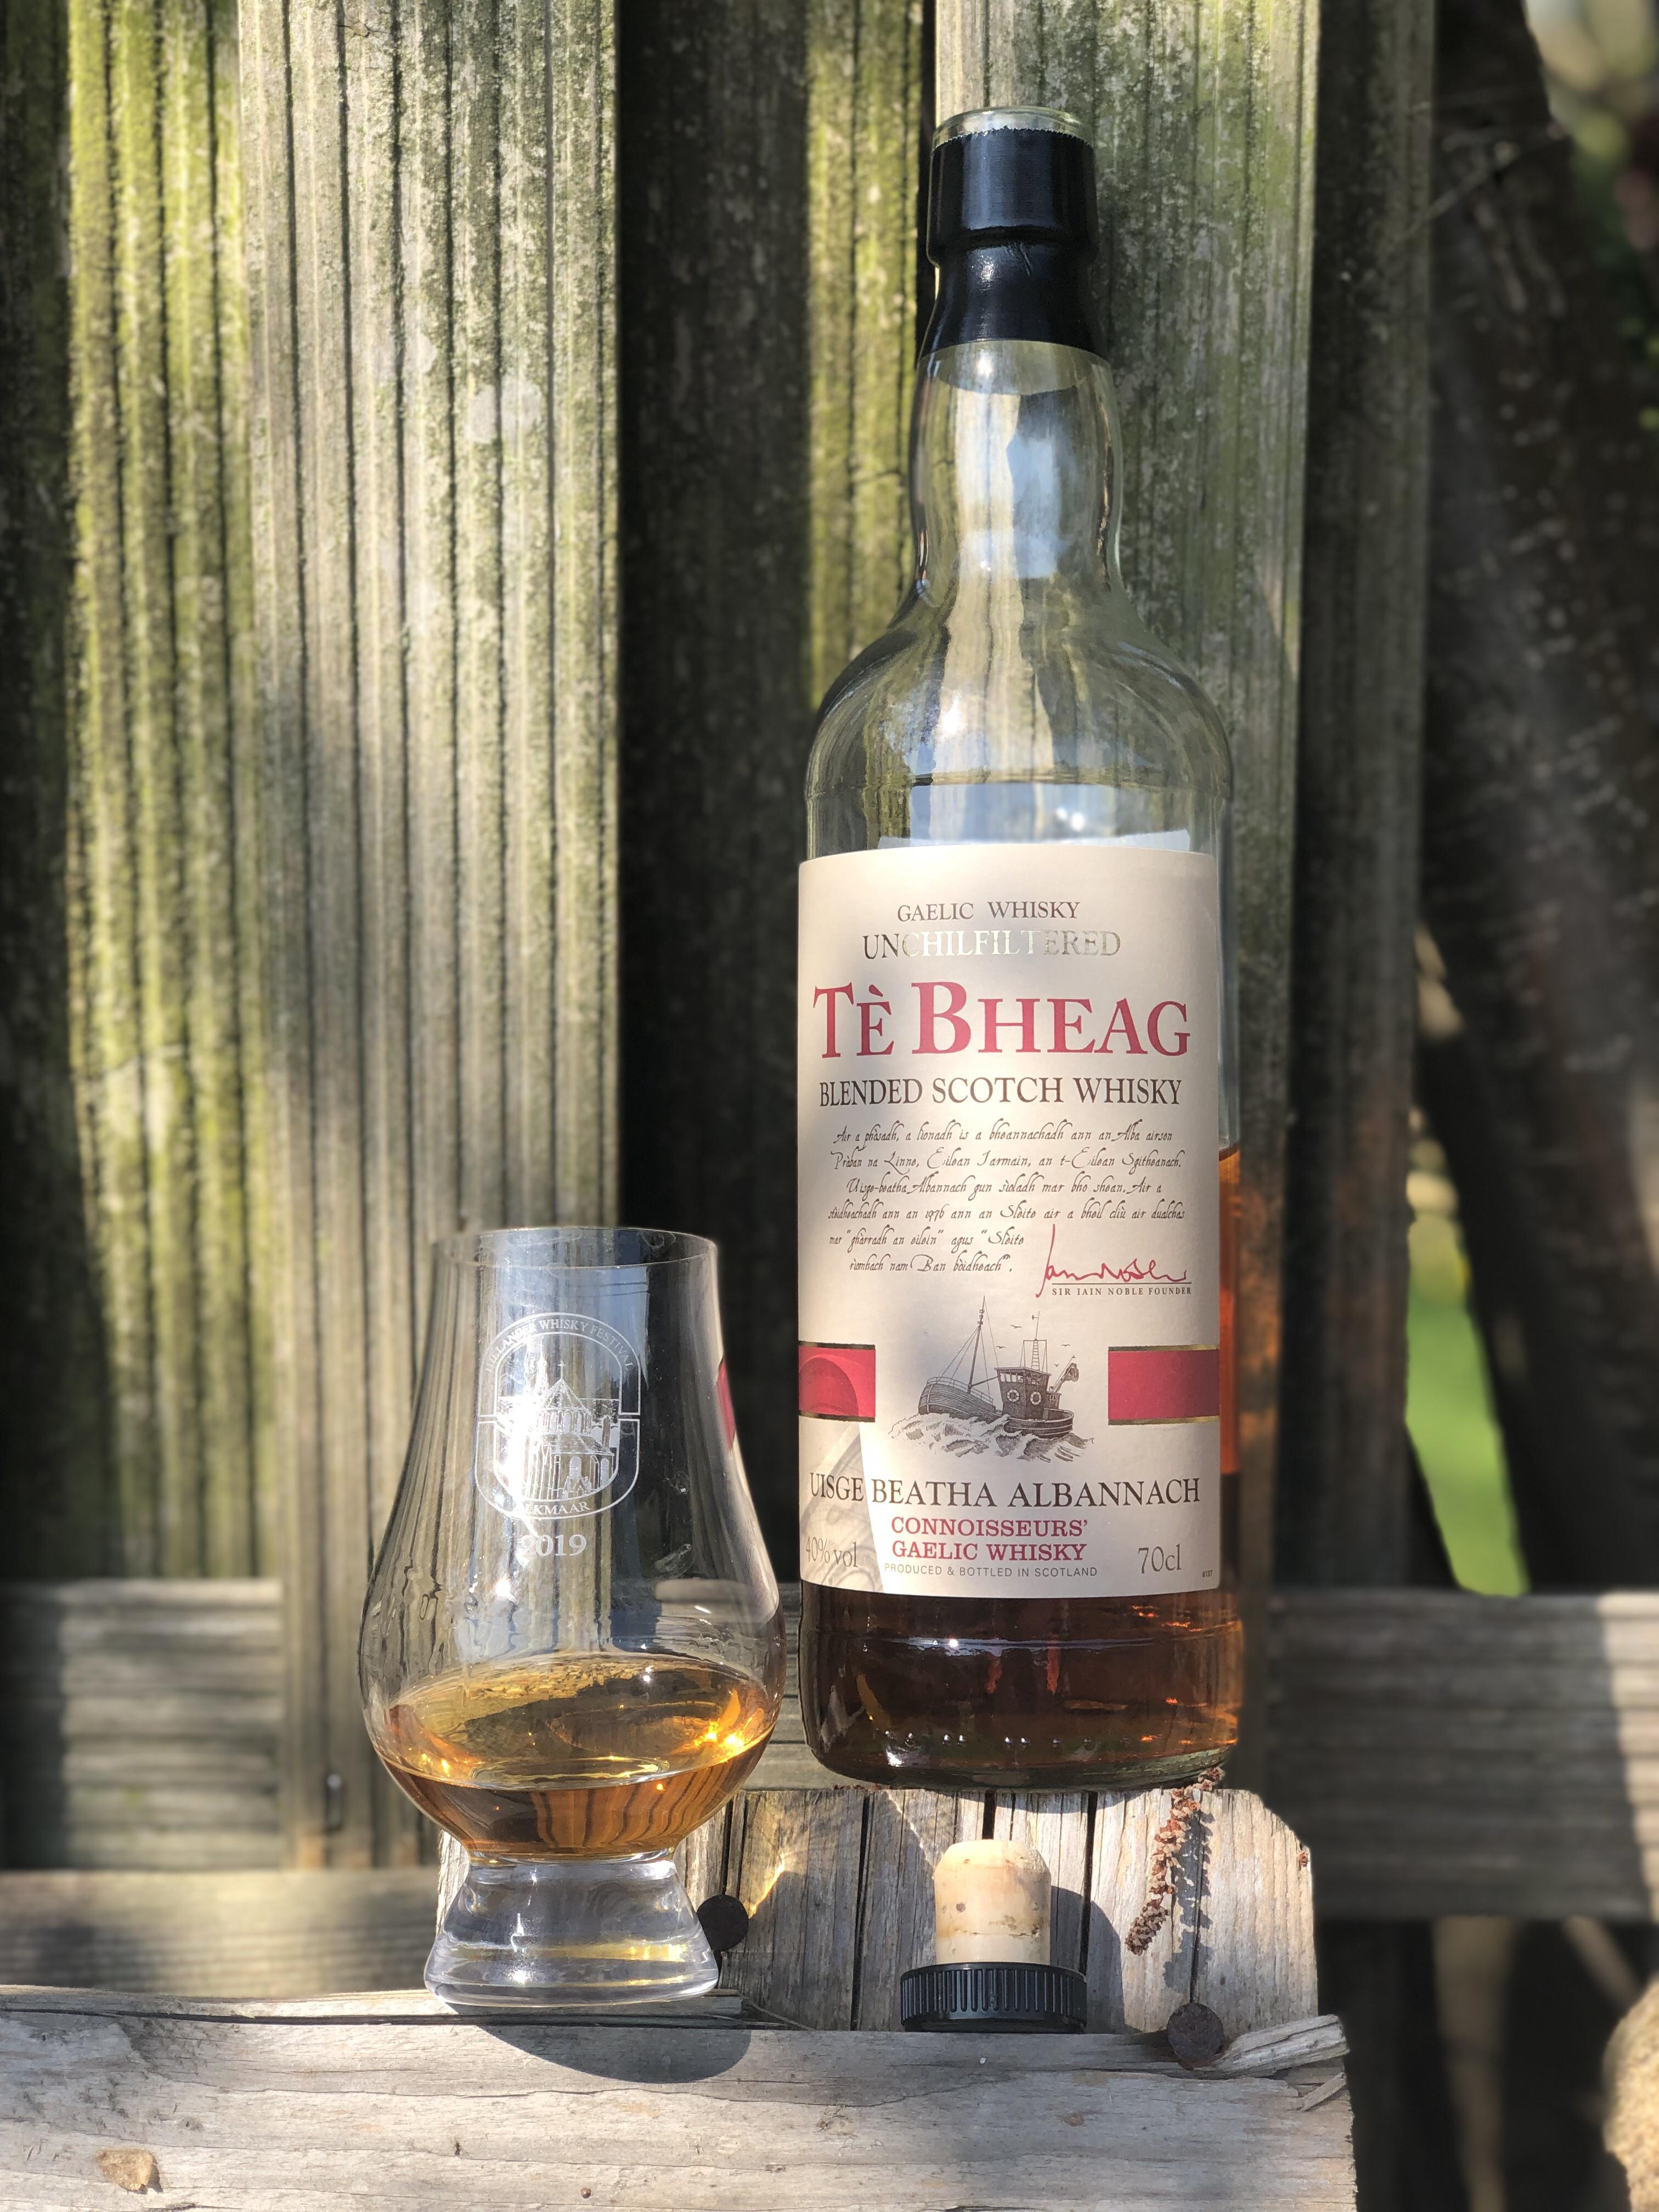 Hoe lekker is de Tè Bheag blended scotch whisky eigenlijk?